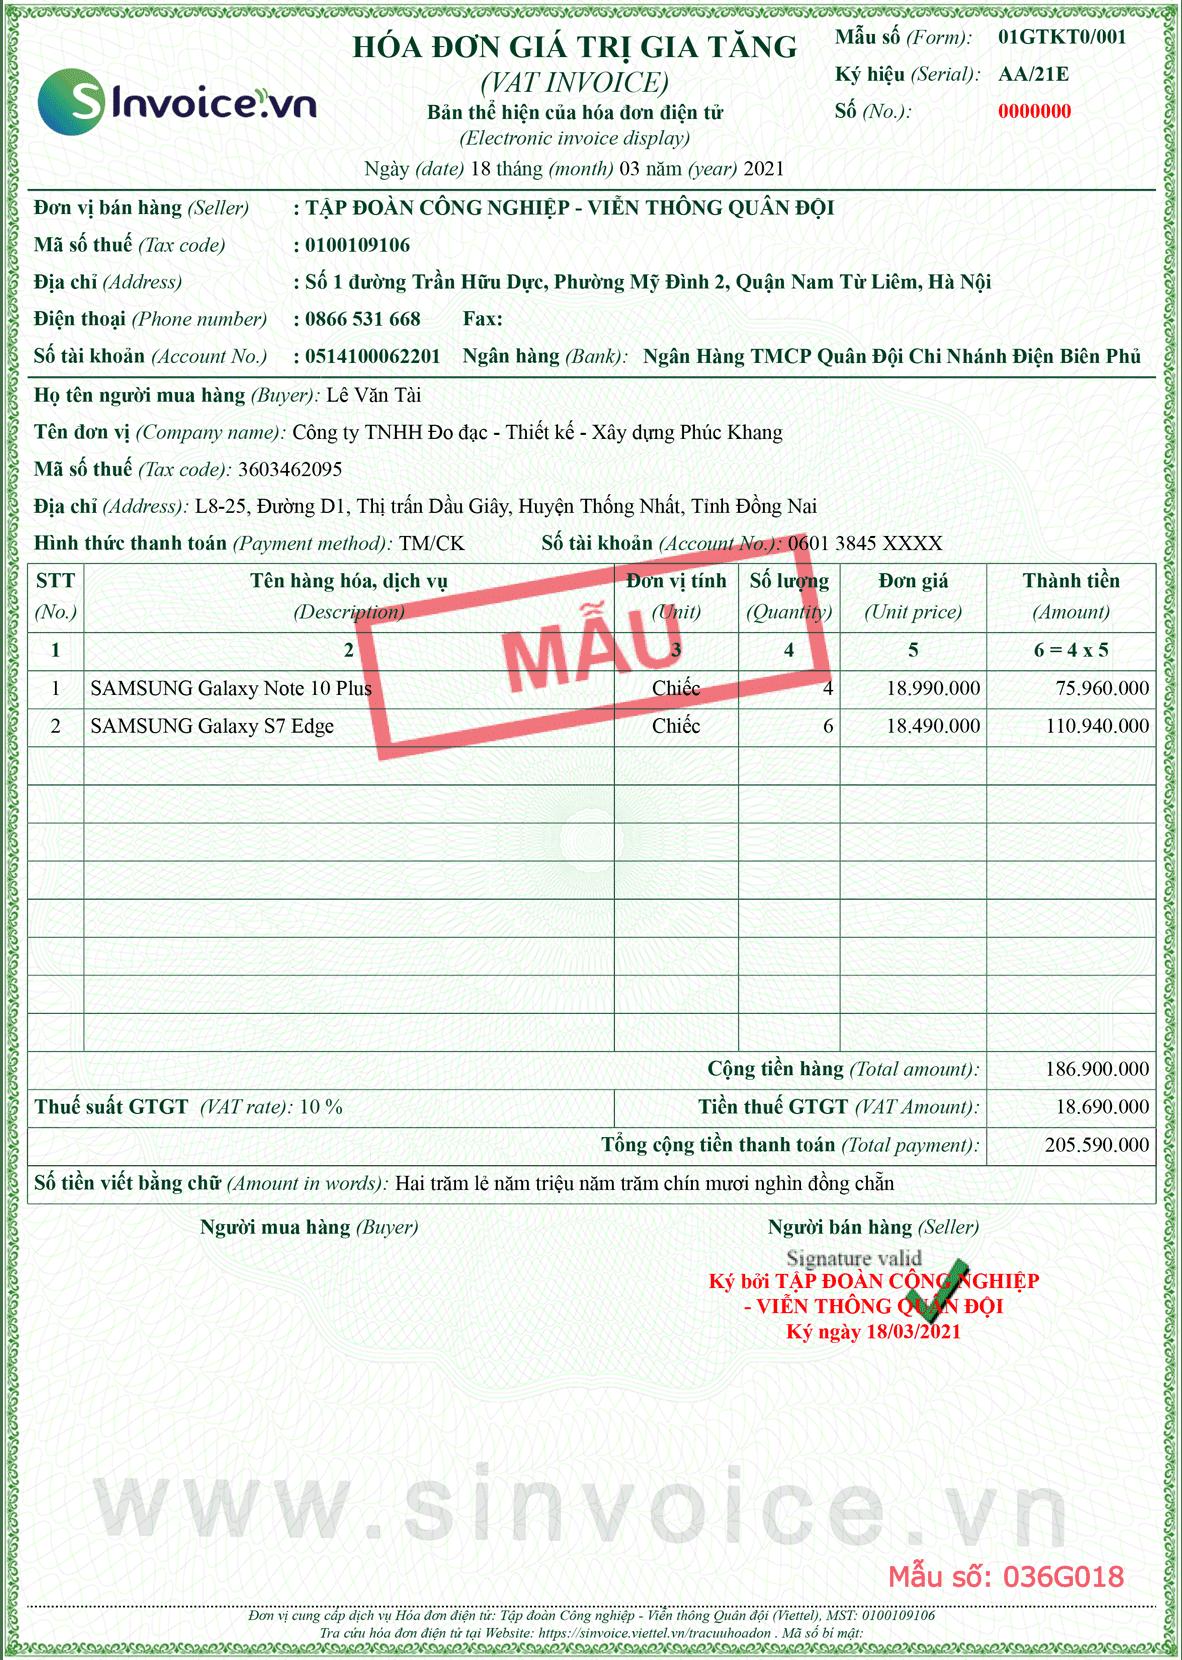 Mẫu hóa đơn điện tử số 036G018